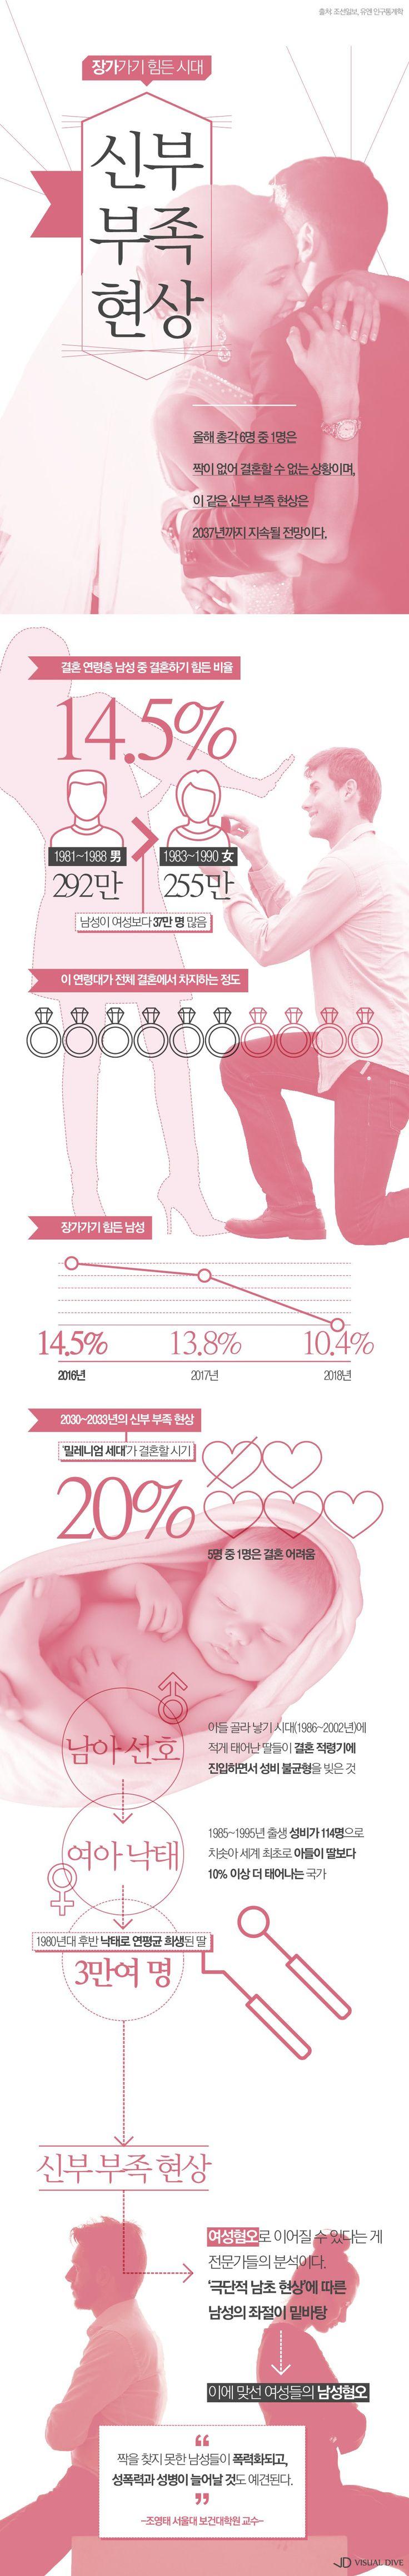 """'신부 부족 현상' 심각…""""남성 6명 중 1명 짝 없어"""" [인포그래픽] #marriage /  #Infographic ⓒ 비주얼다이브 무단 복사·전재·재배포 금지"""